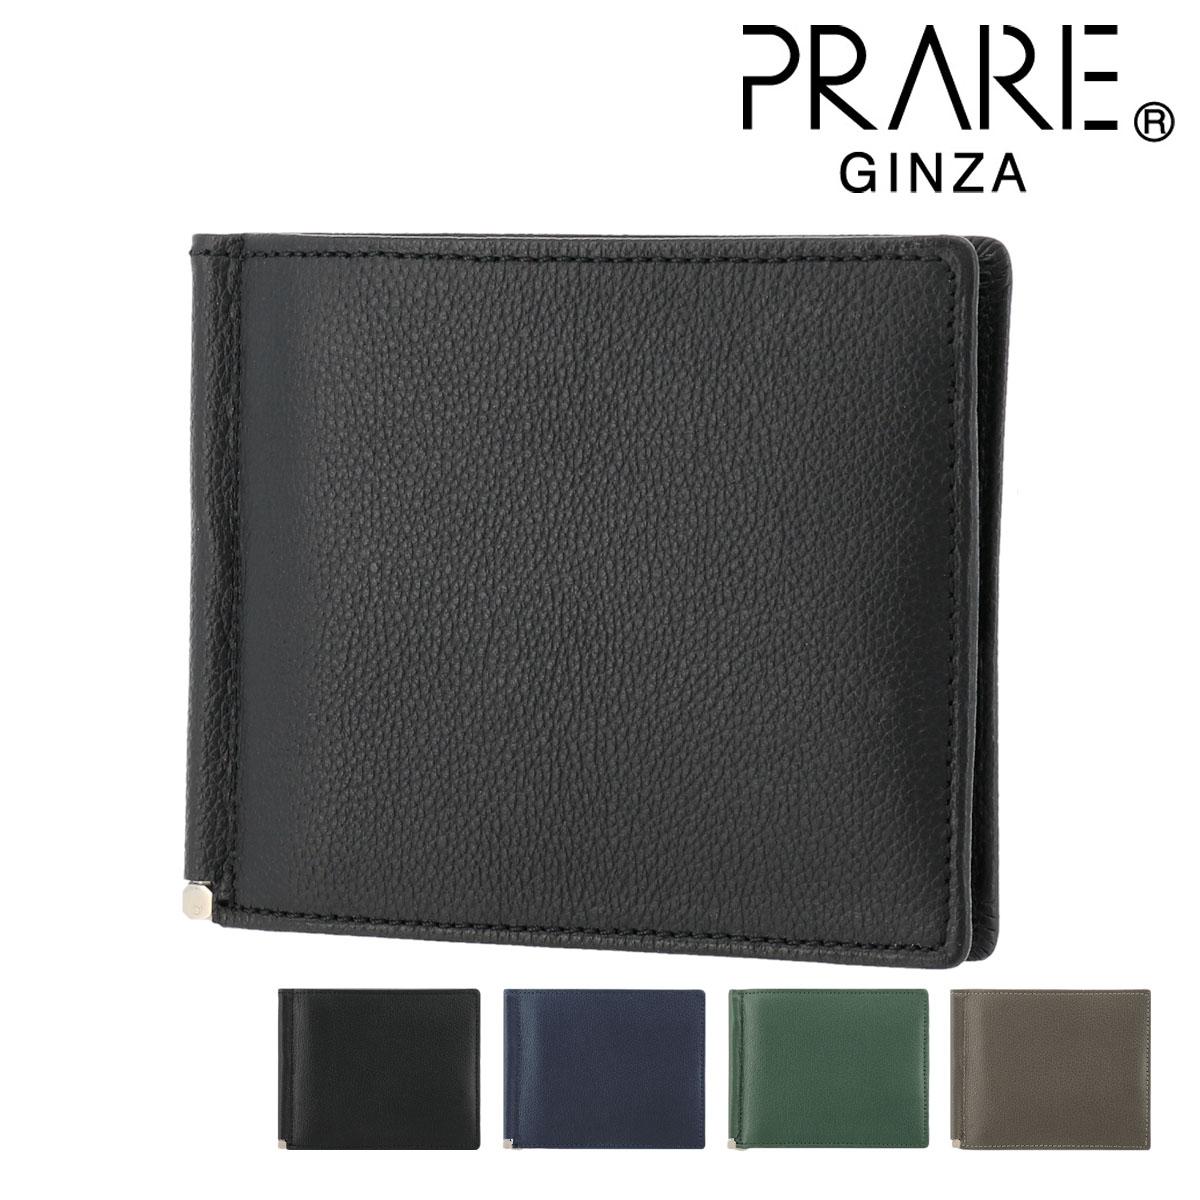 プレリーギンザ マネークリップ メンズ NP55214 PRAIRIE GINZA | 日本製 札ばさみ 二つ折り 牛革 本革 レザー[PO10]